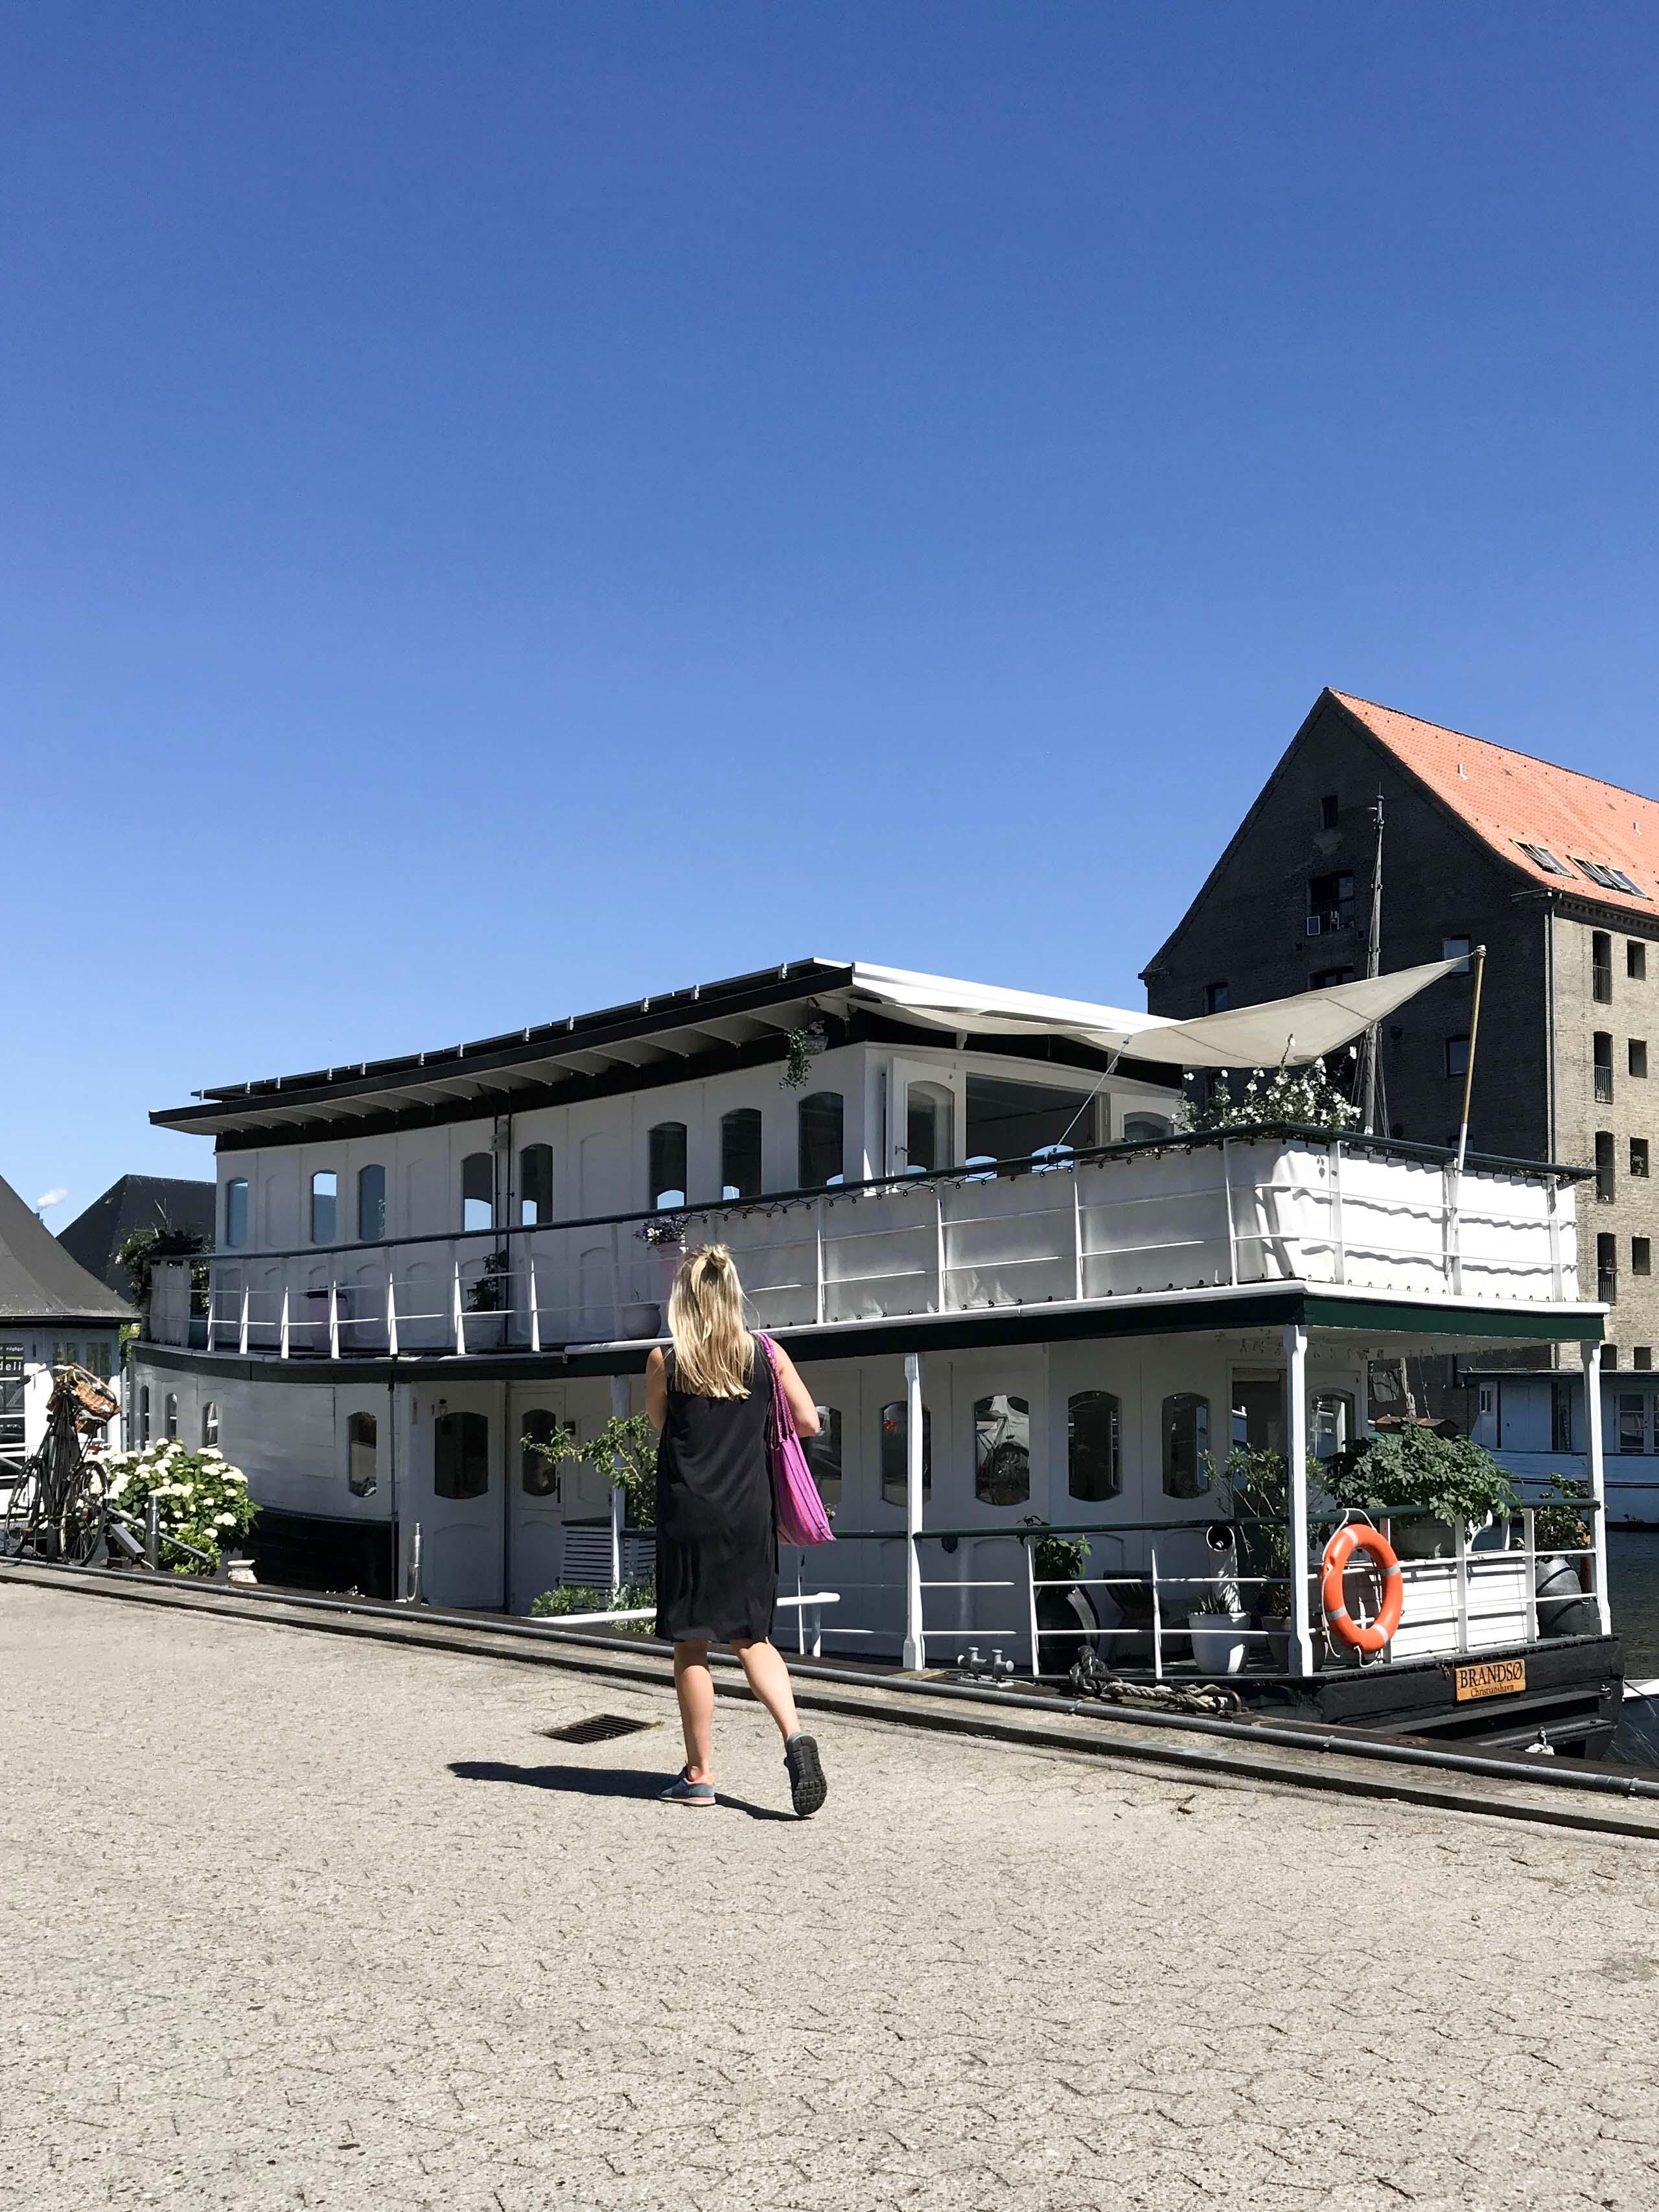 Sightseeing Kopenhagen - Das soll ein Hausboot sein???